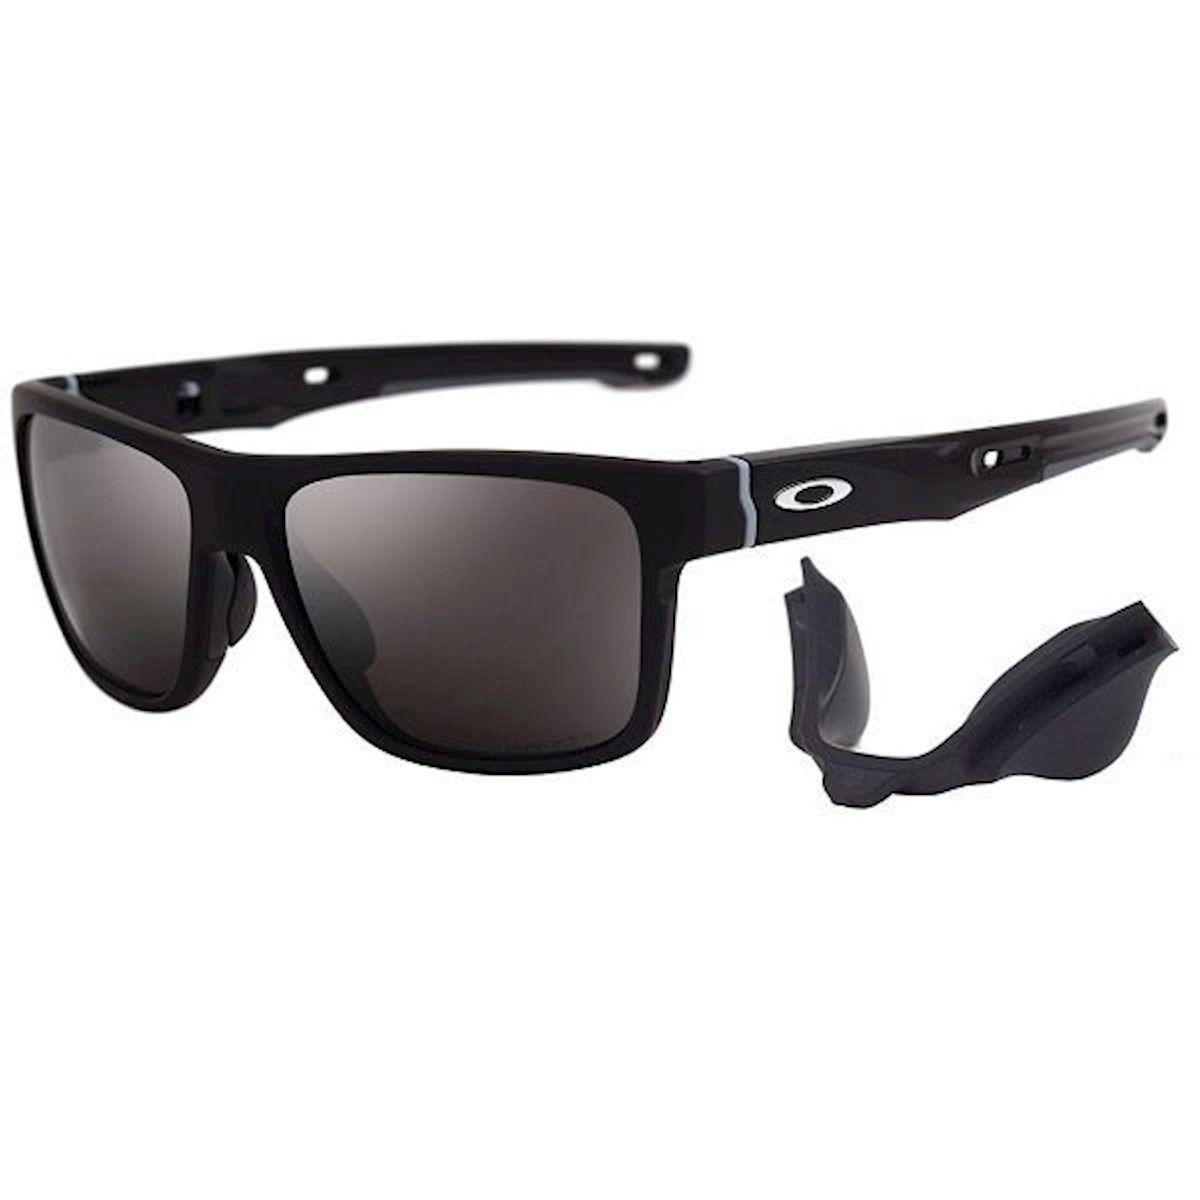 Óculos de sol Crossrange Prizm Black Oakley » Óculos de Sol Oakley ... c19e805f85